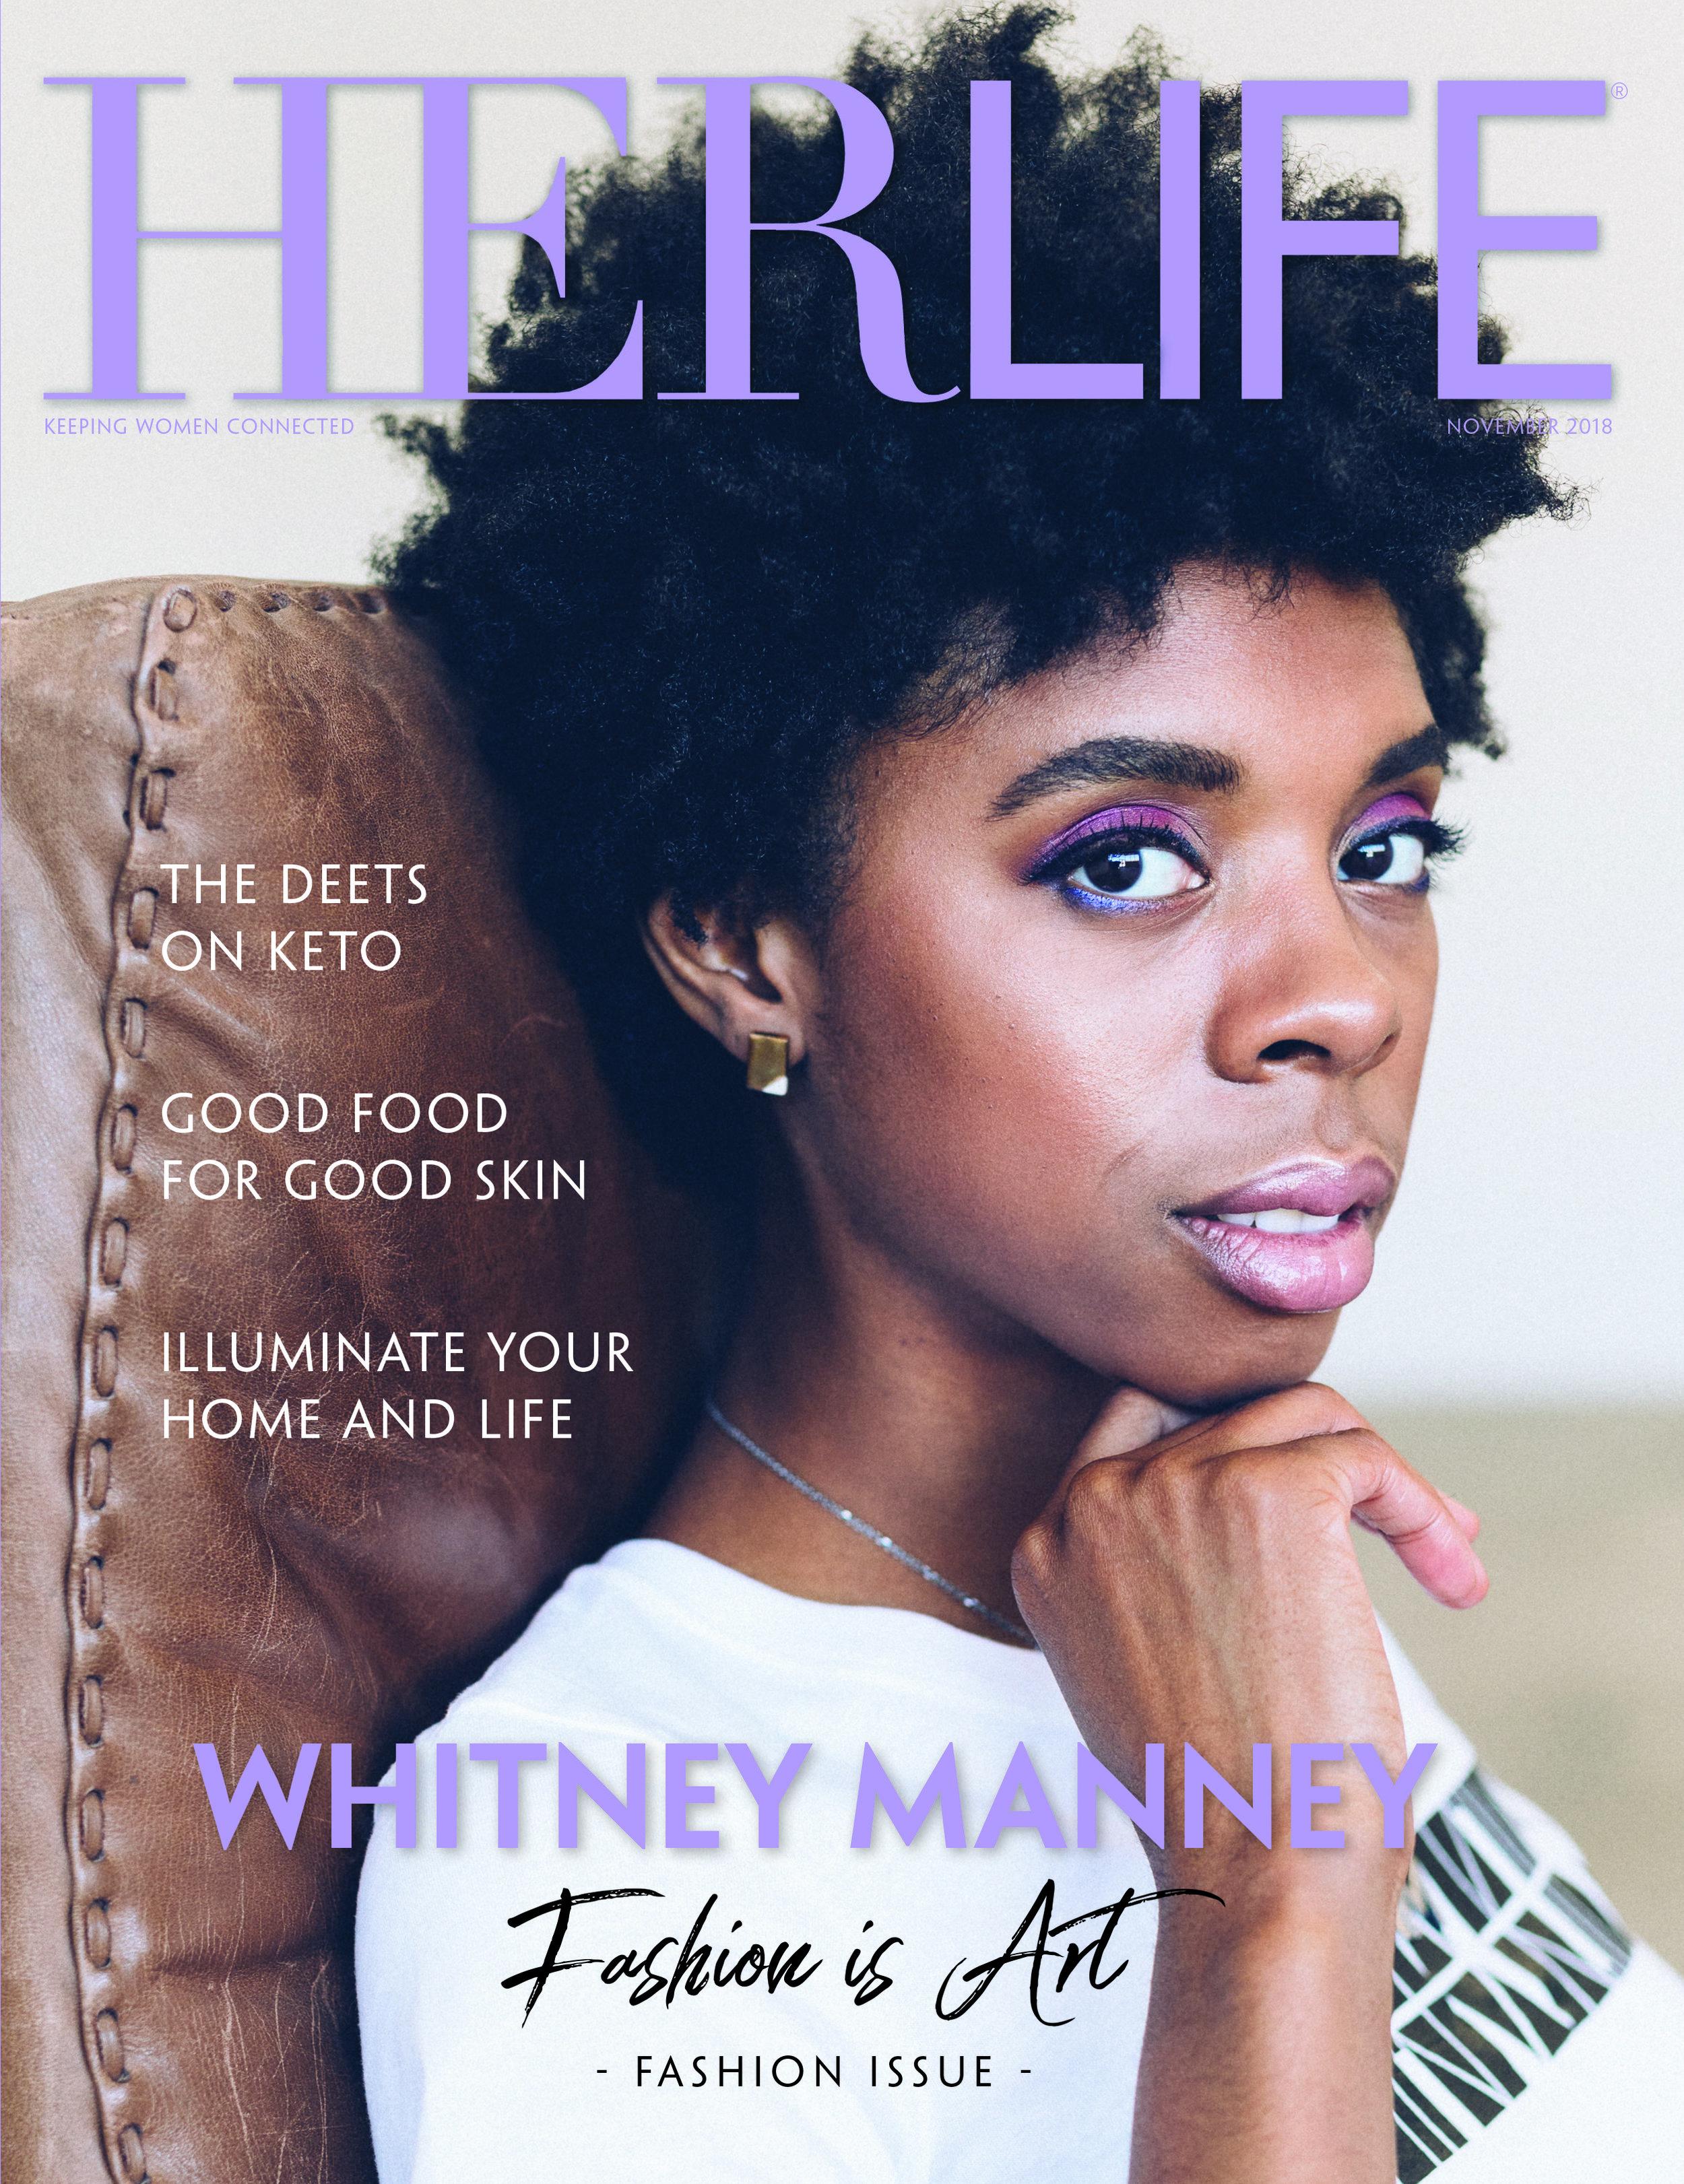 whitneymanney magazine cover